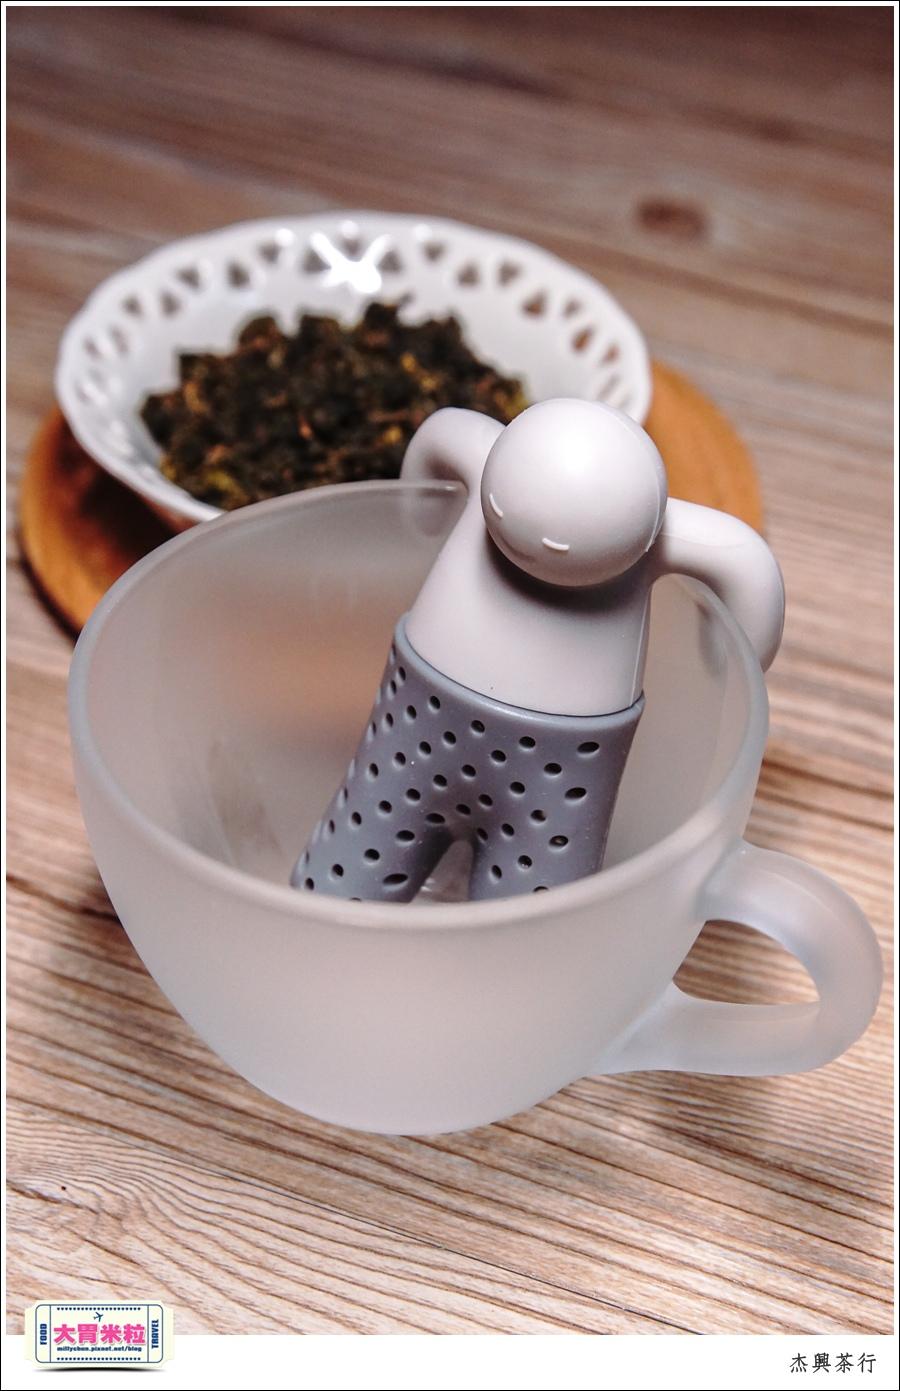 台灣高山茶禮盒推薦-杰興茶行@大胃米粒0012.jpg